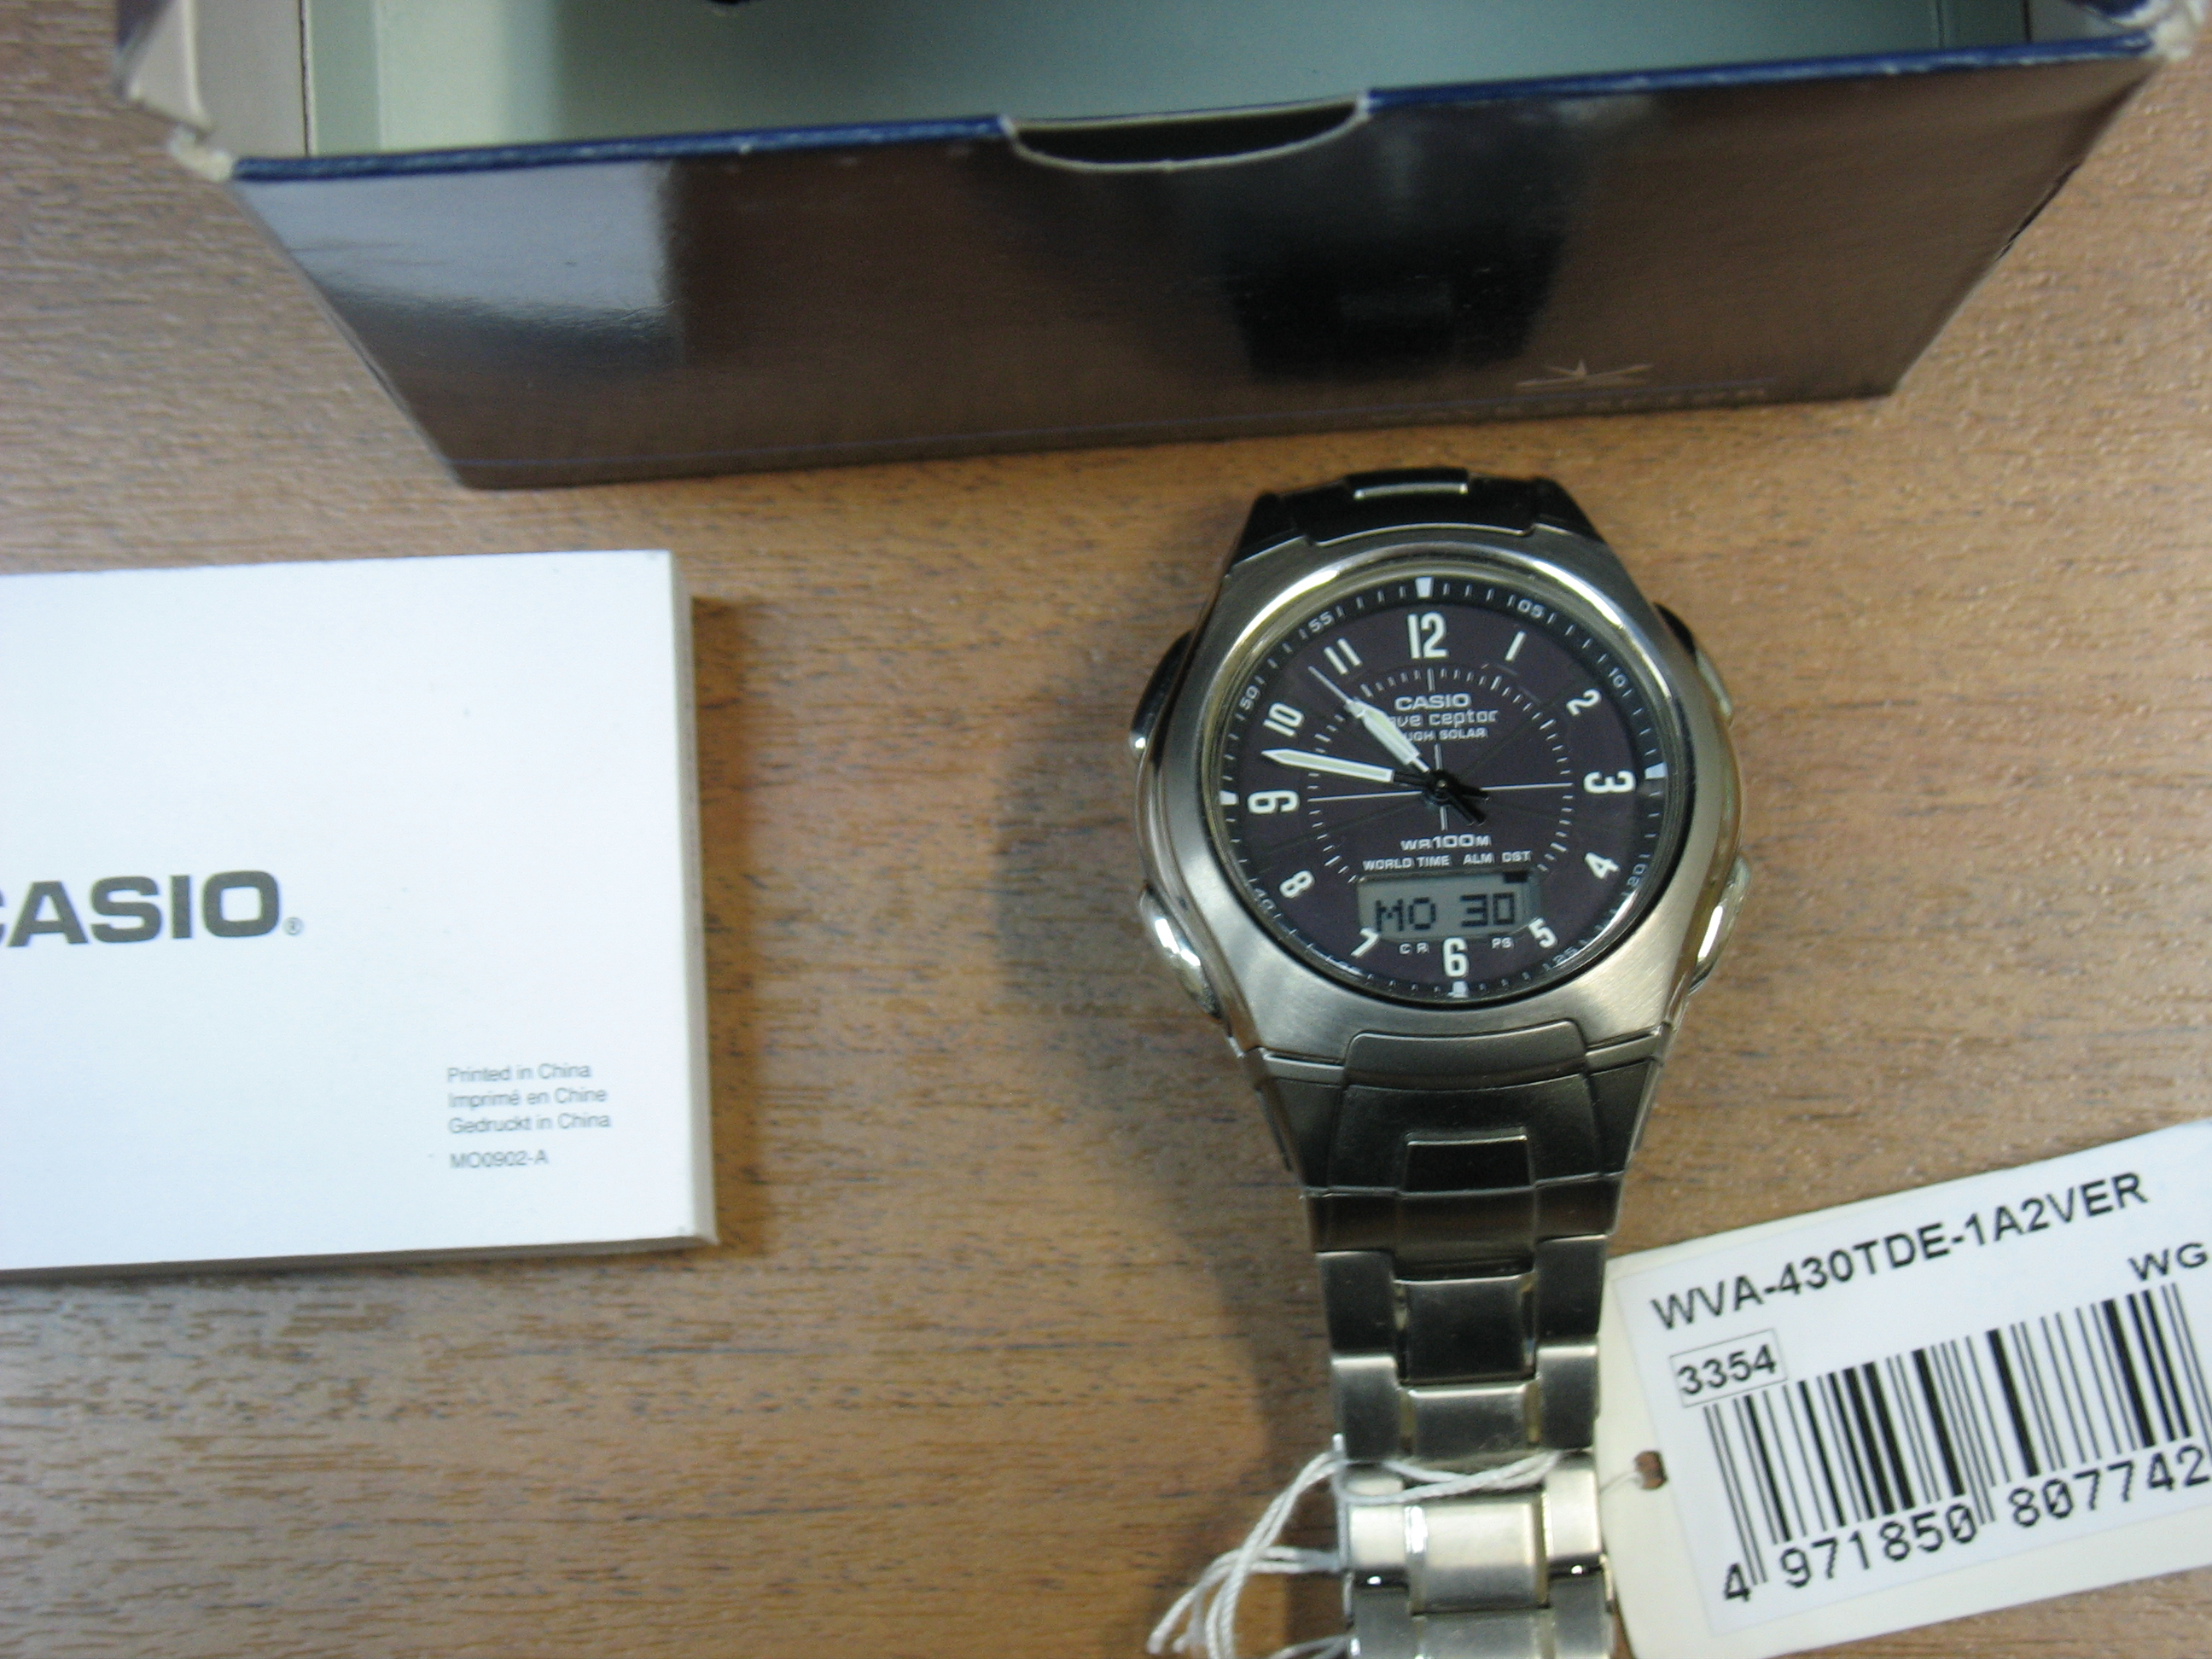 часы Casio WVA-430-TDE-1A